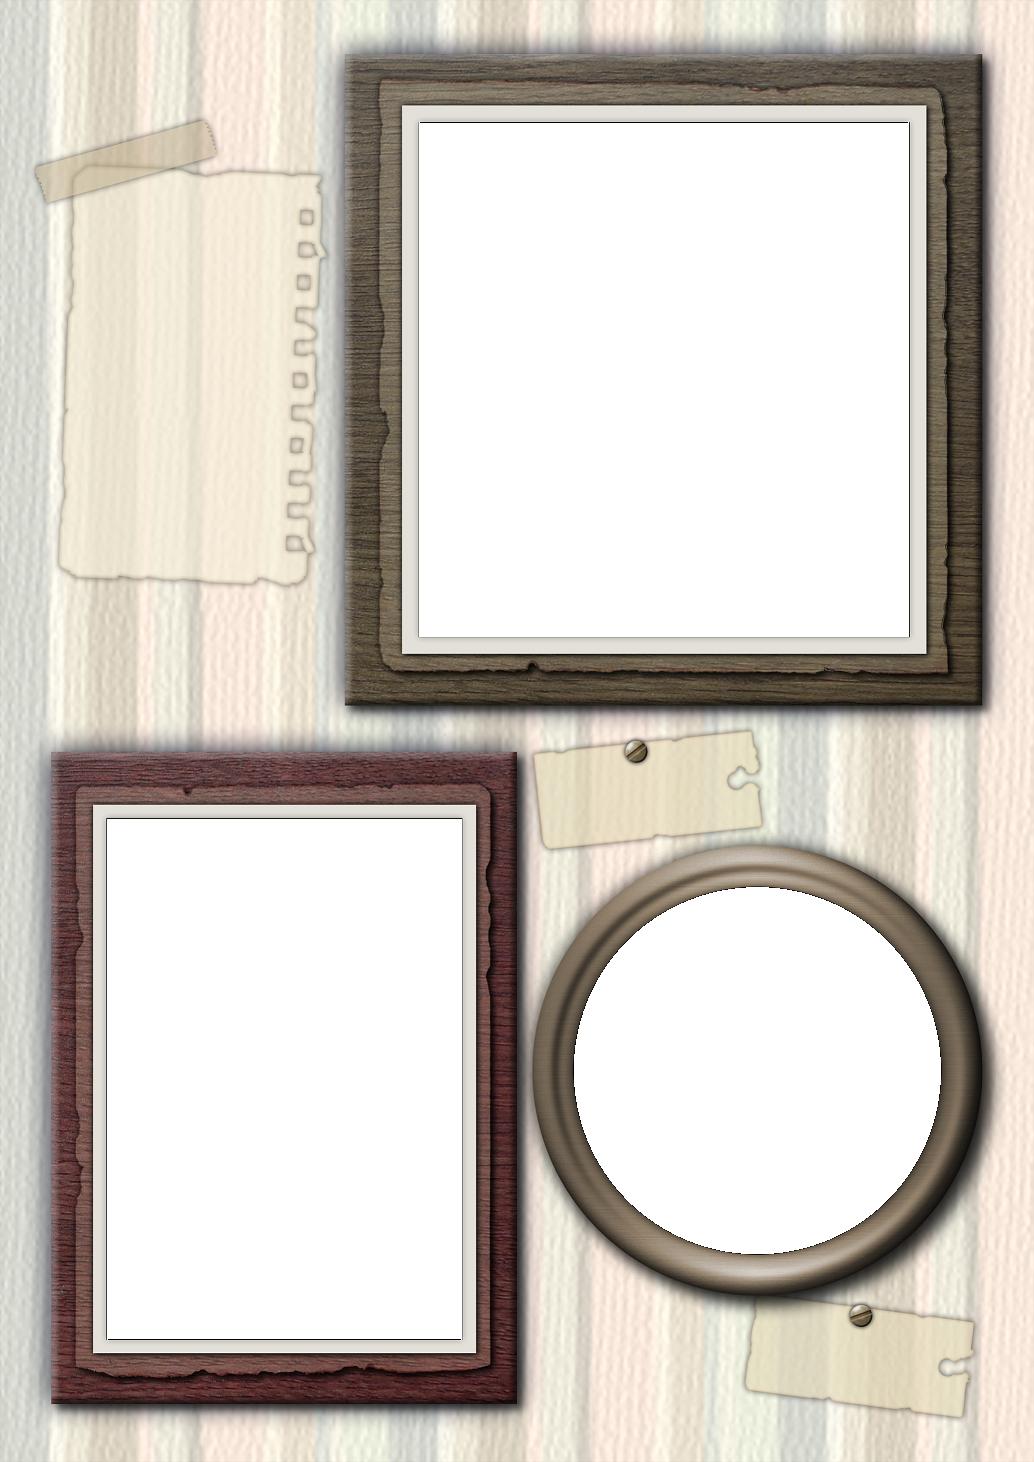 создать рамки для фотографий i